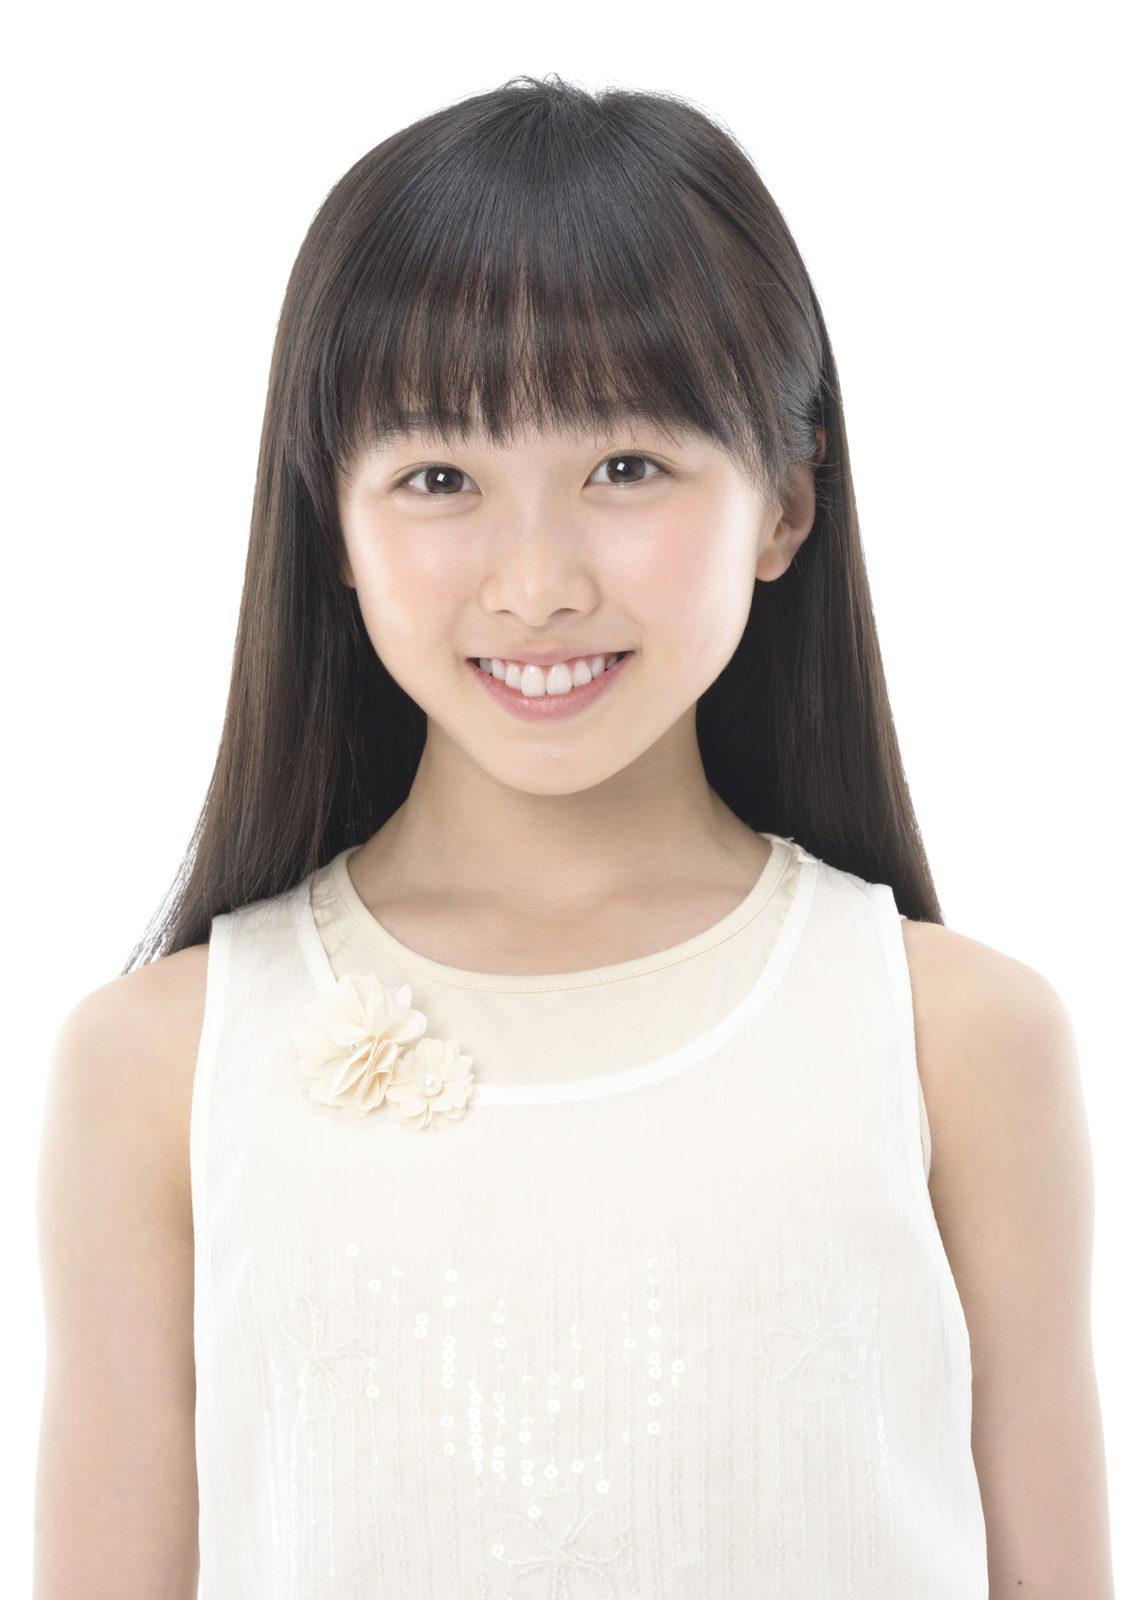 本田望結、姉の真凛選手ついて語る「本当にすごい人なんだなって」サムネイル画像